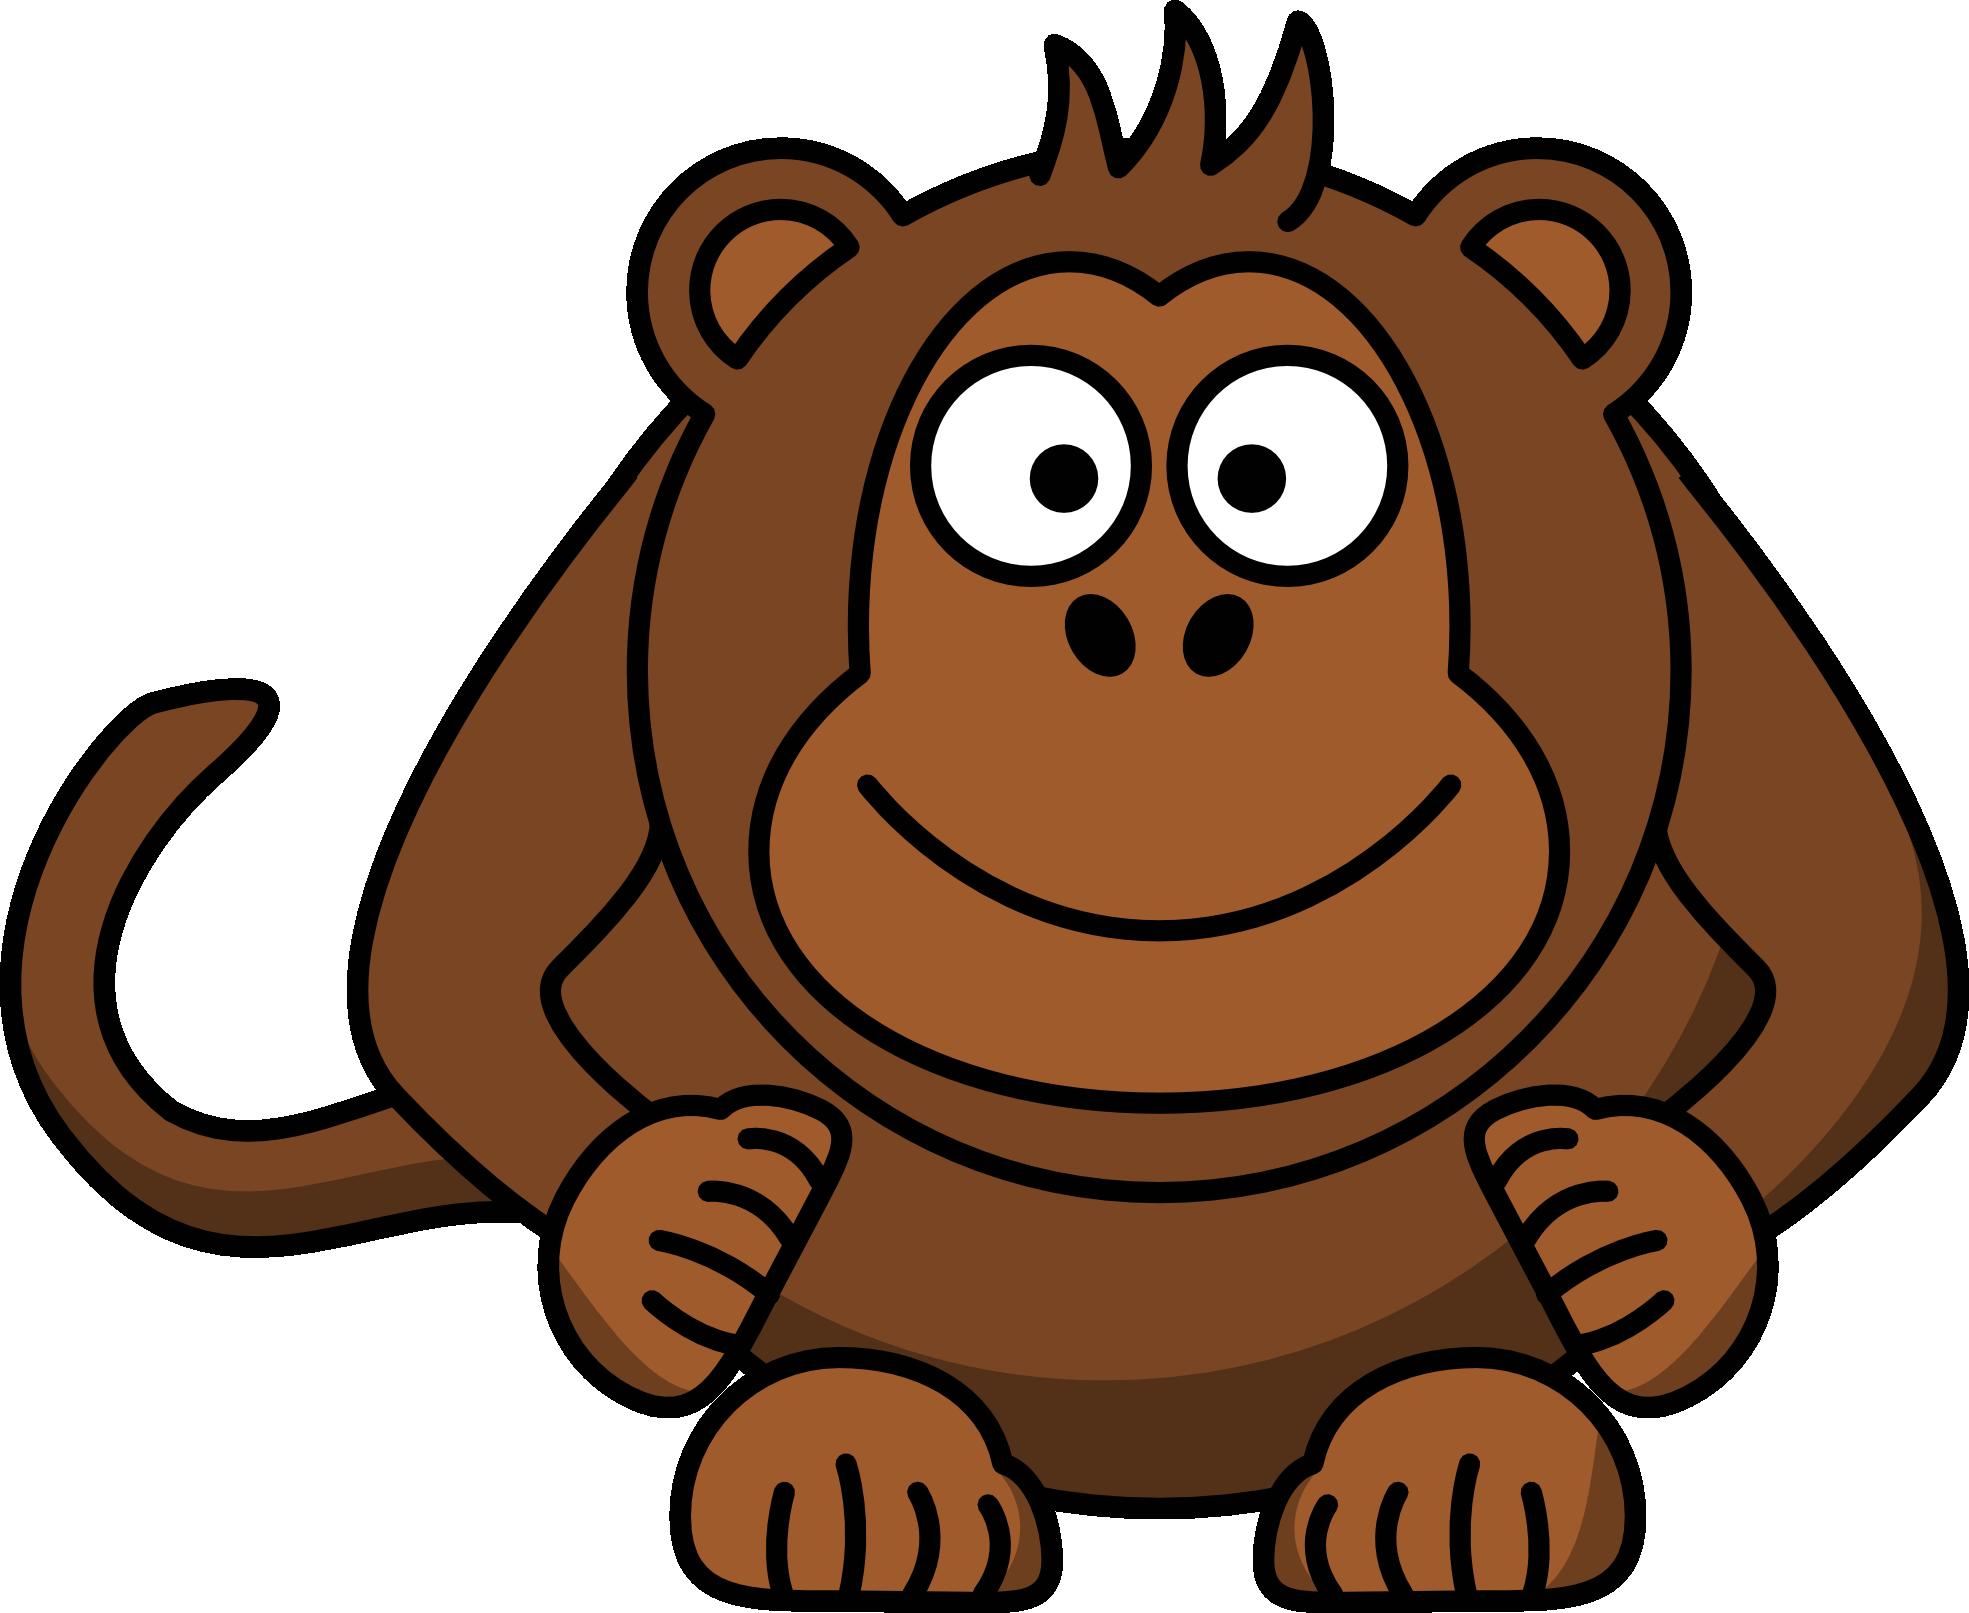 Monkey cartoon panda free. Pizza clipart animated